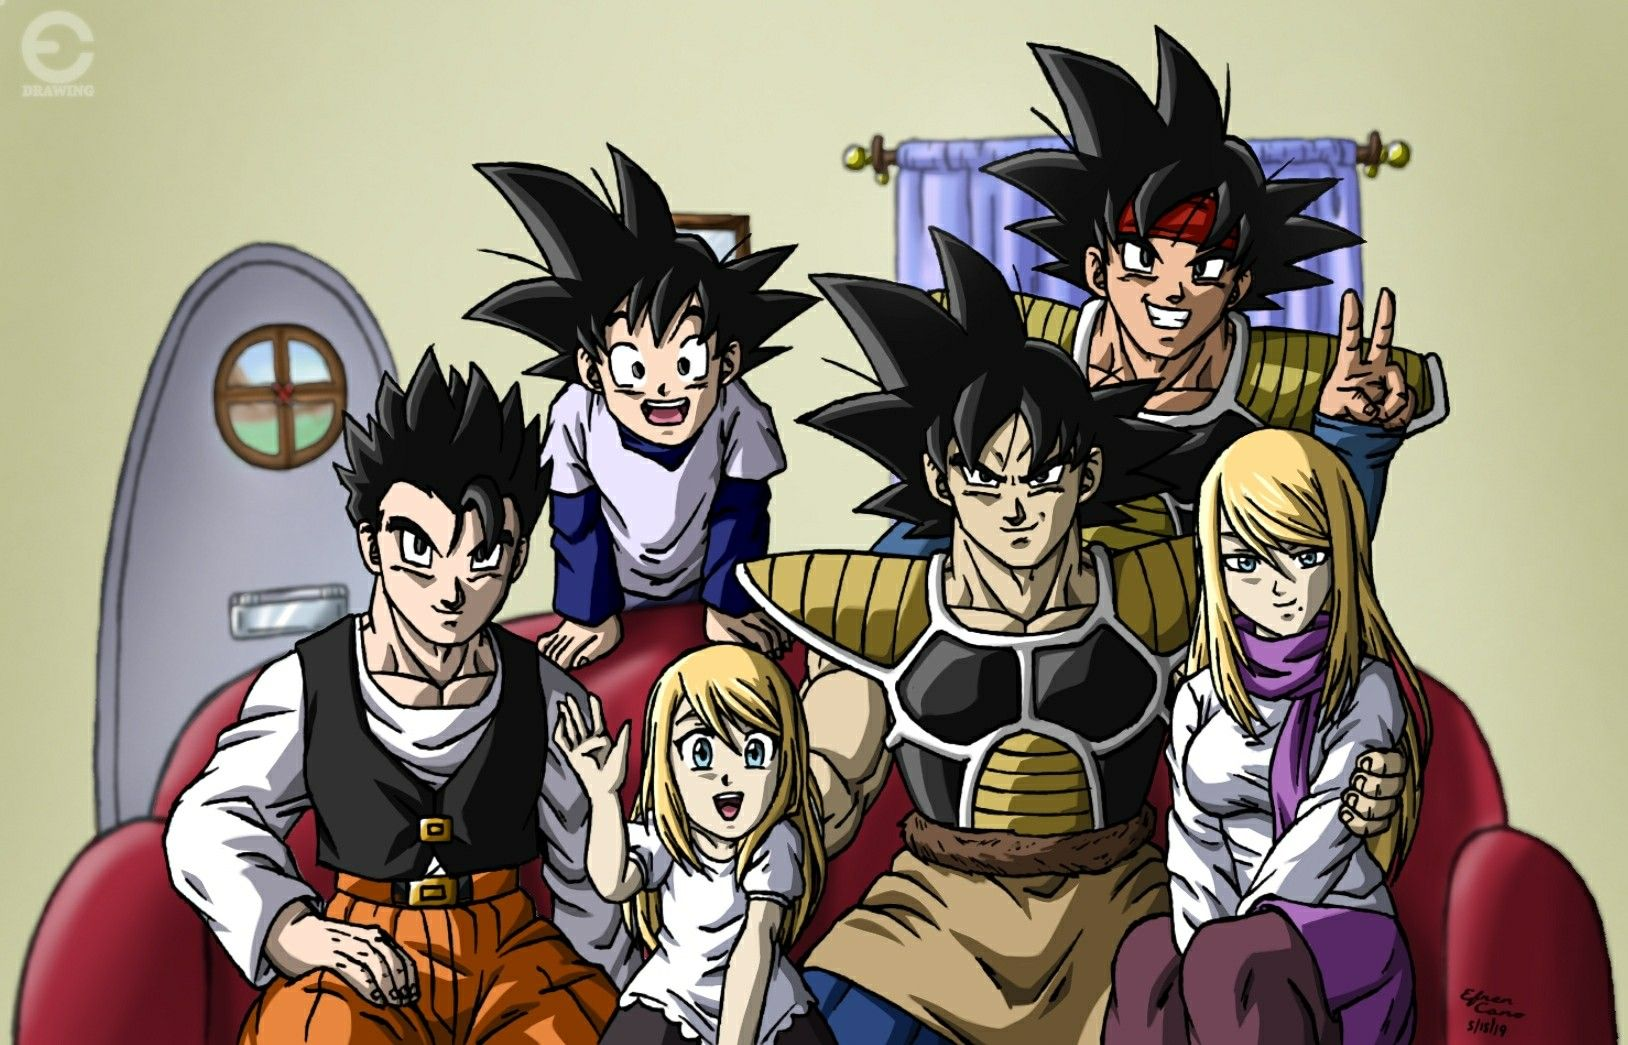 Drawing Kakarot Samus S Family Alternative Universe Kakarot Samus Bardock Jr Gohan Goten Dragon Ball Super Manga Dragon Ball Art Dragon Ball Artwork